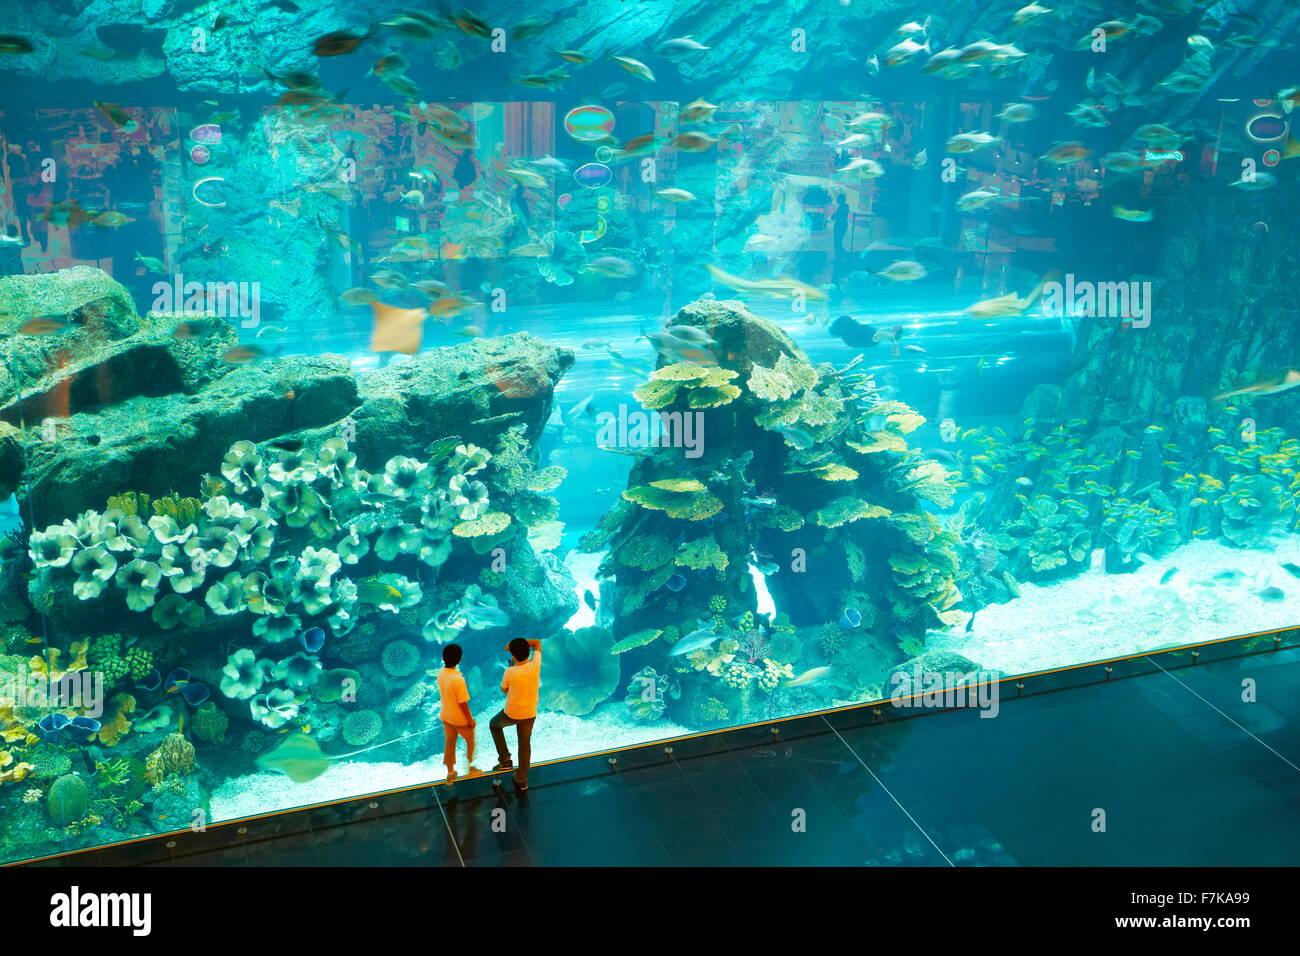 I bambini guardando il Dubai Mall Aquarium, Dubai, Emirati Arabi Uniti, Medio Oriente Immagini Stock